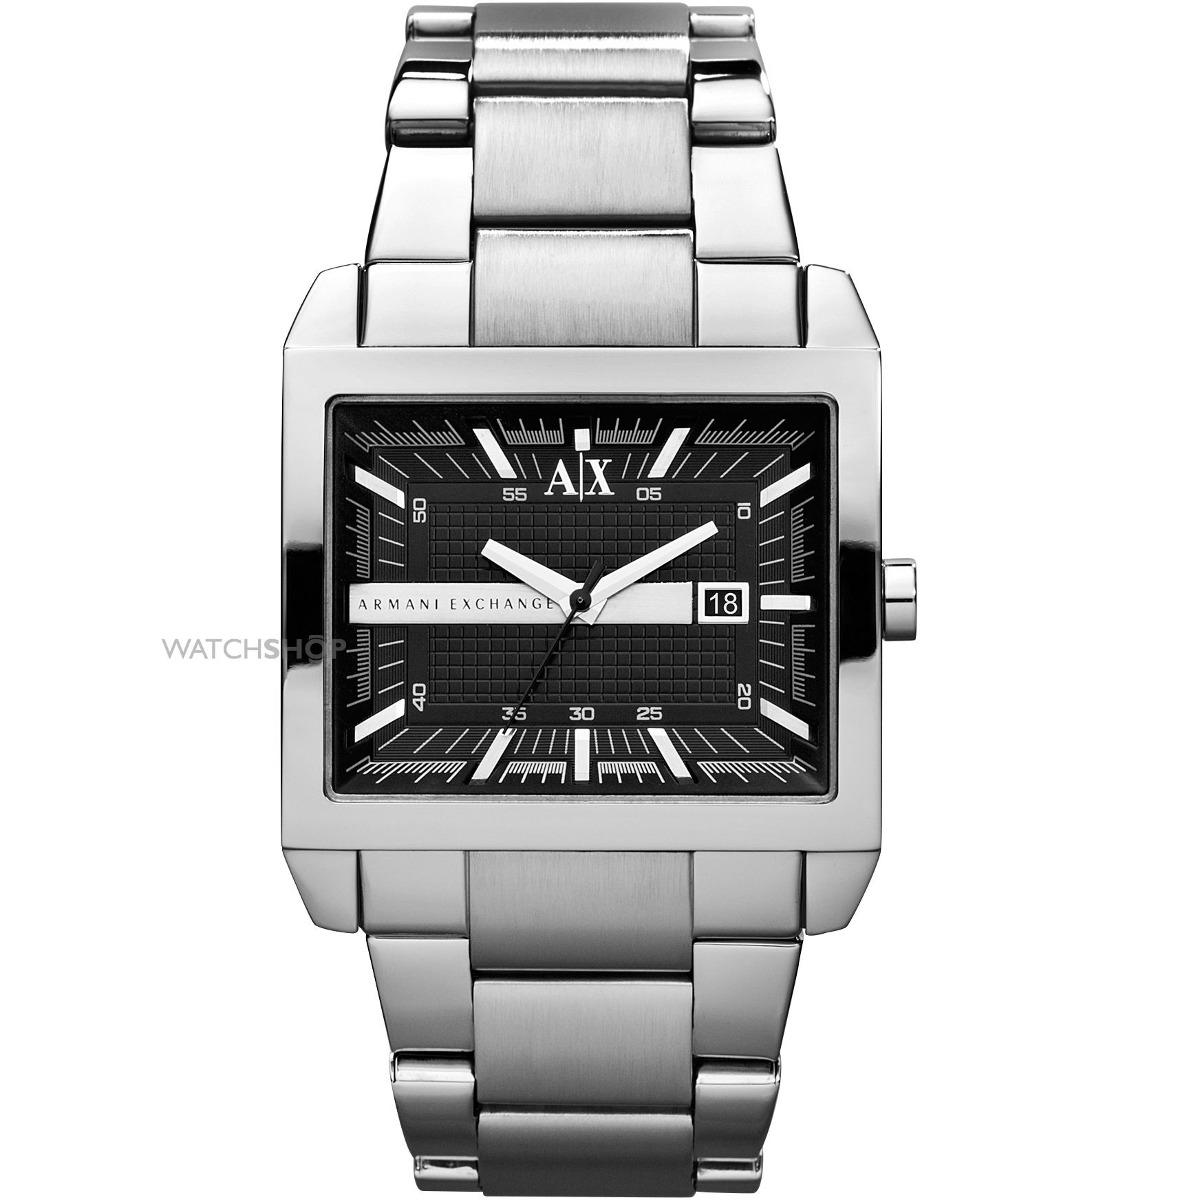 872a532a8e0 Relógio Armani Exchange Ax2200 Original Com Caixa E Garantia - R  695